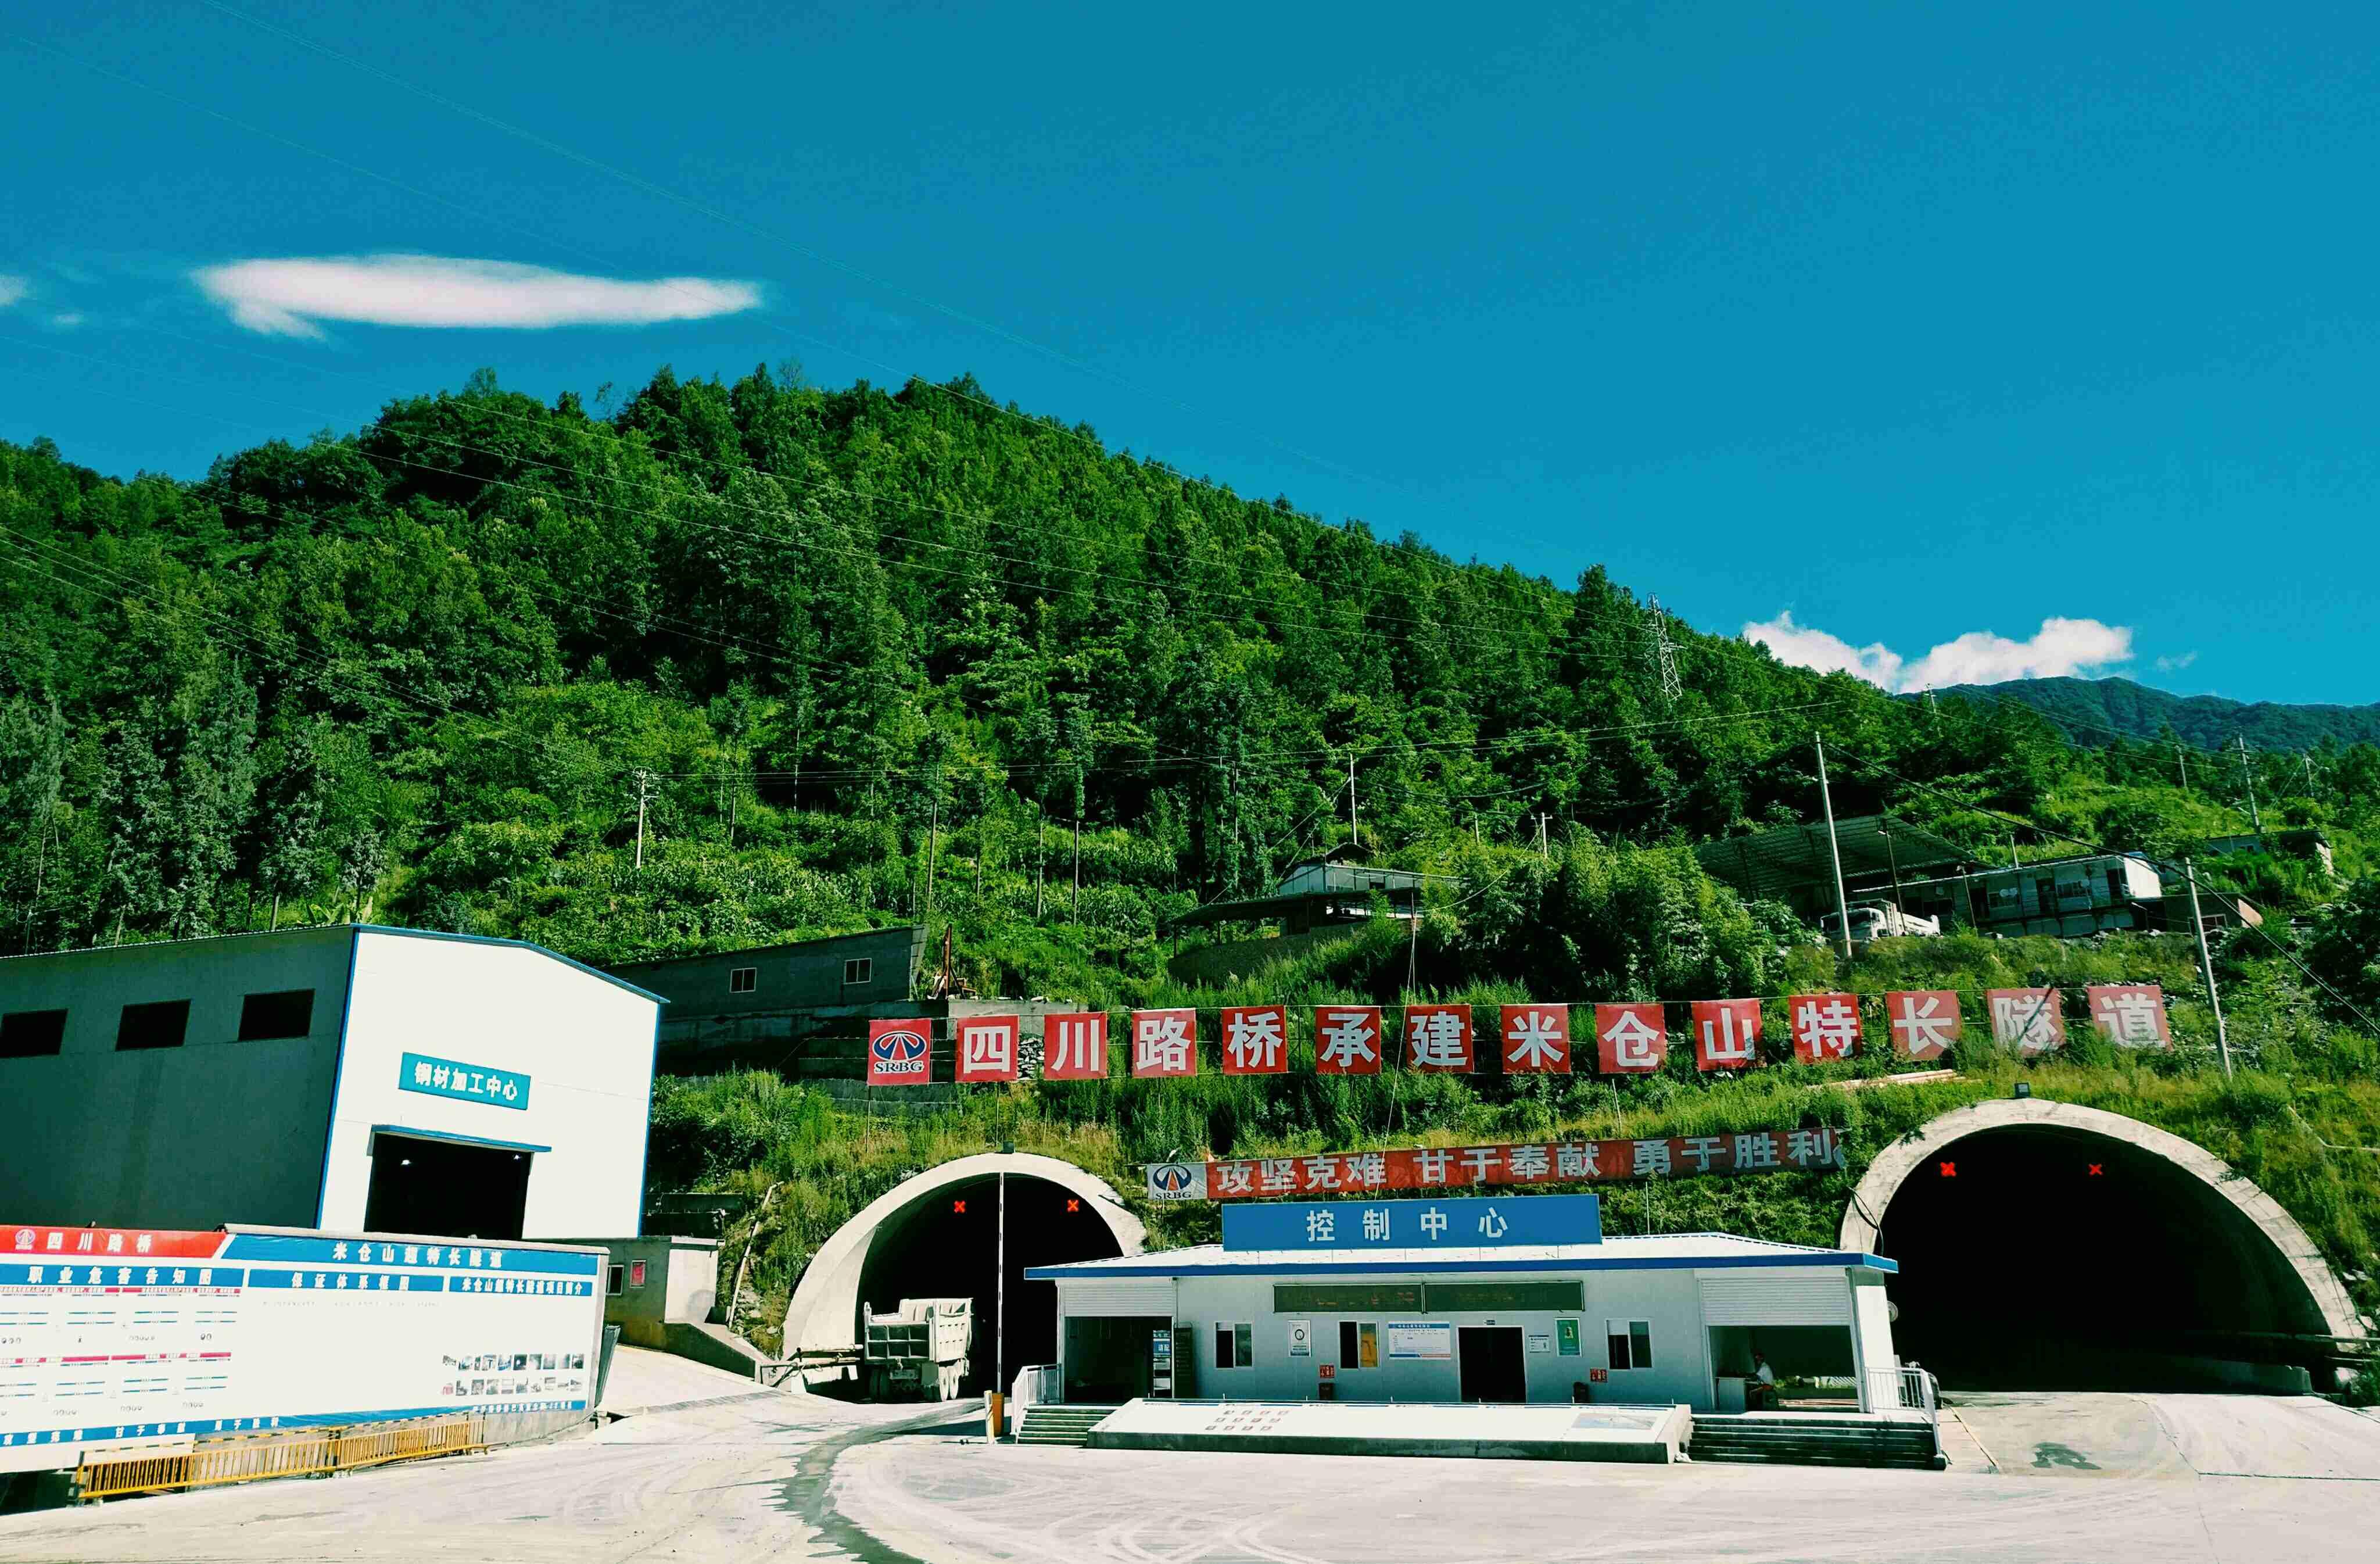 2米仓山隧道,全长13.80公里,是万博官网登录入口省在建最长、国内第二长、世界第三长的公路隧道。.jpg